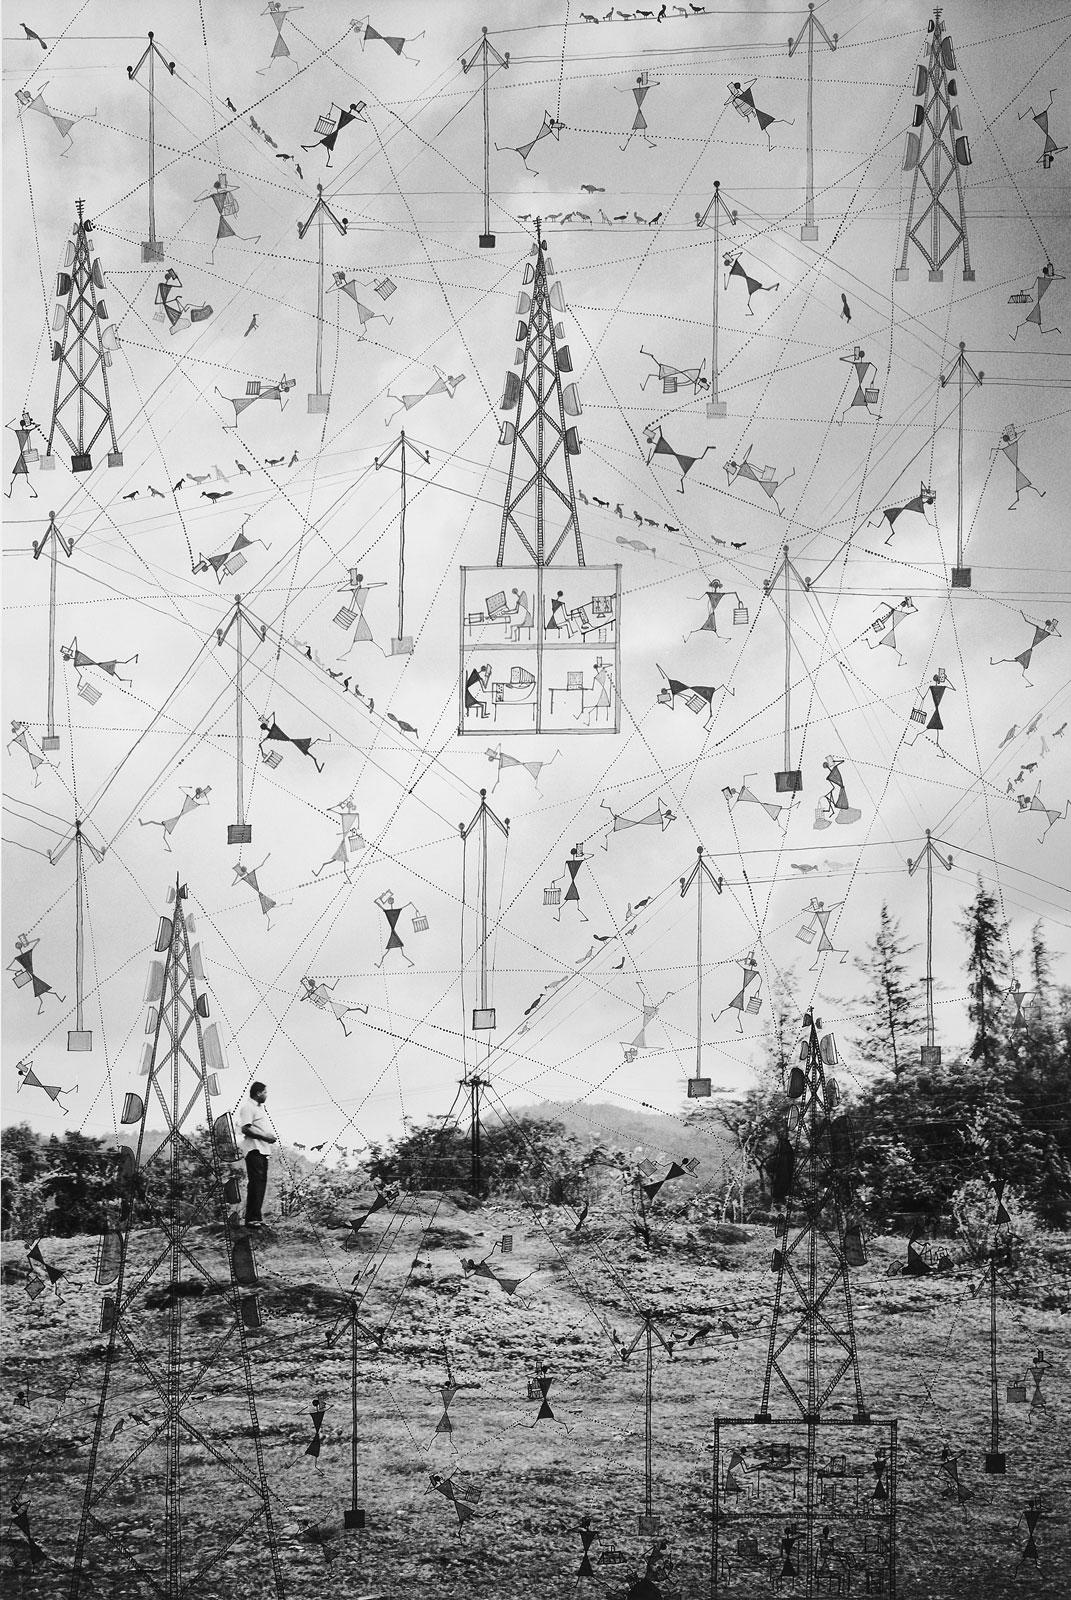 <i>Paths through Air</i> (2015), 42˝ × 28˝